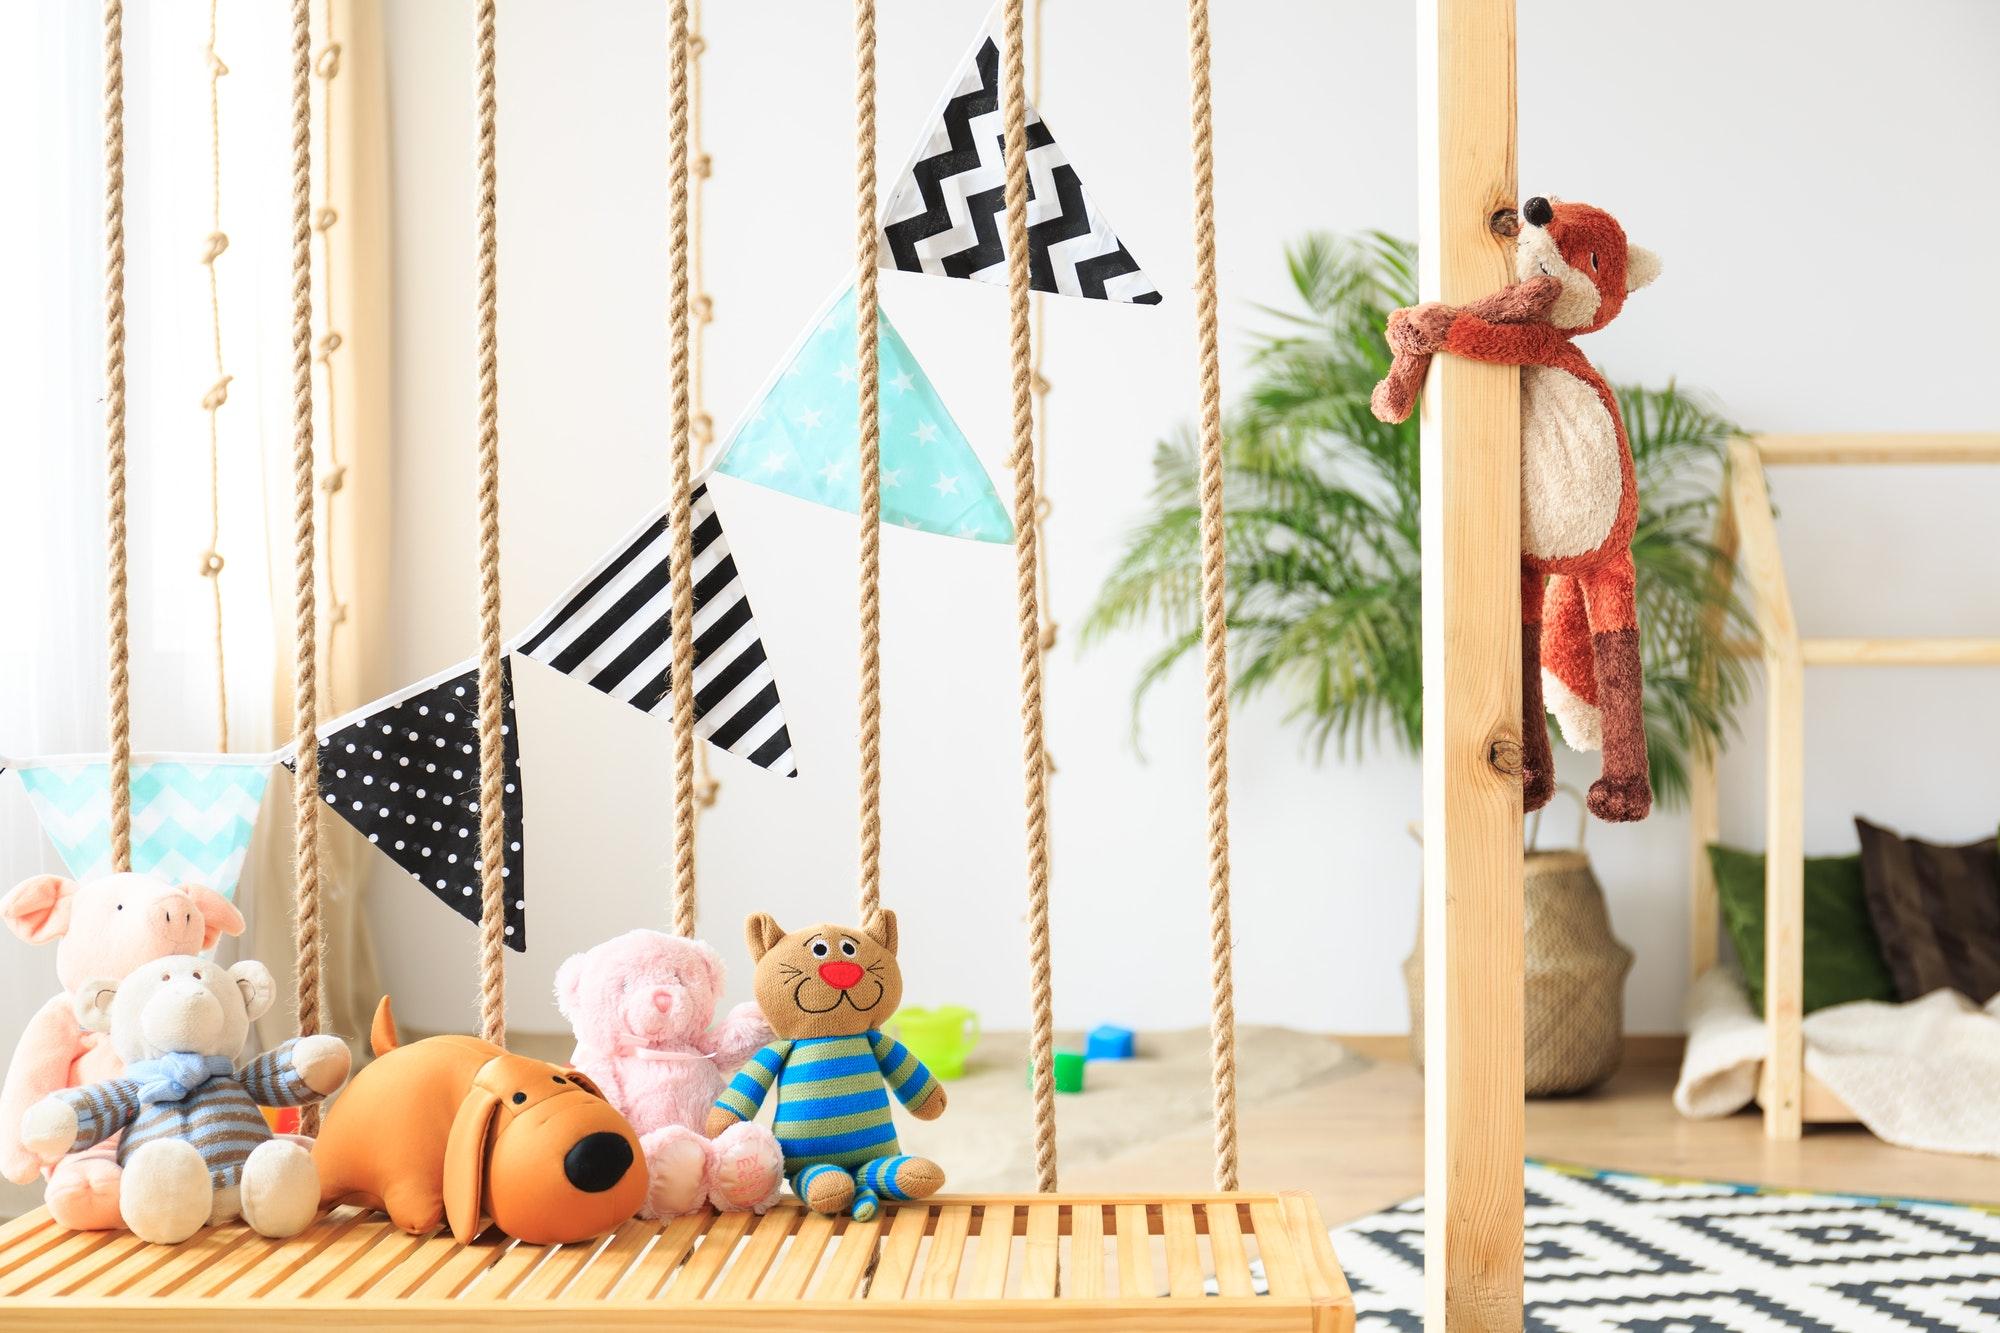 natural-bright-baby-playroom.jpg